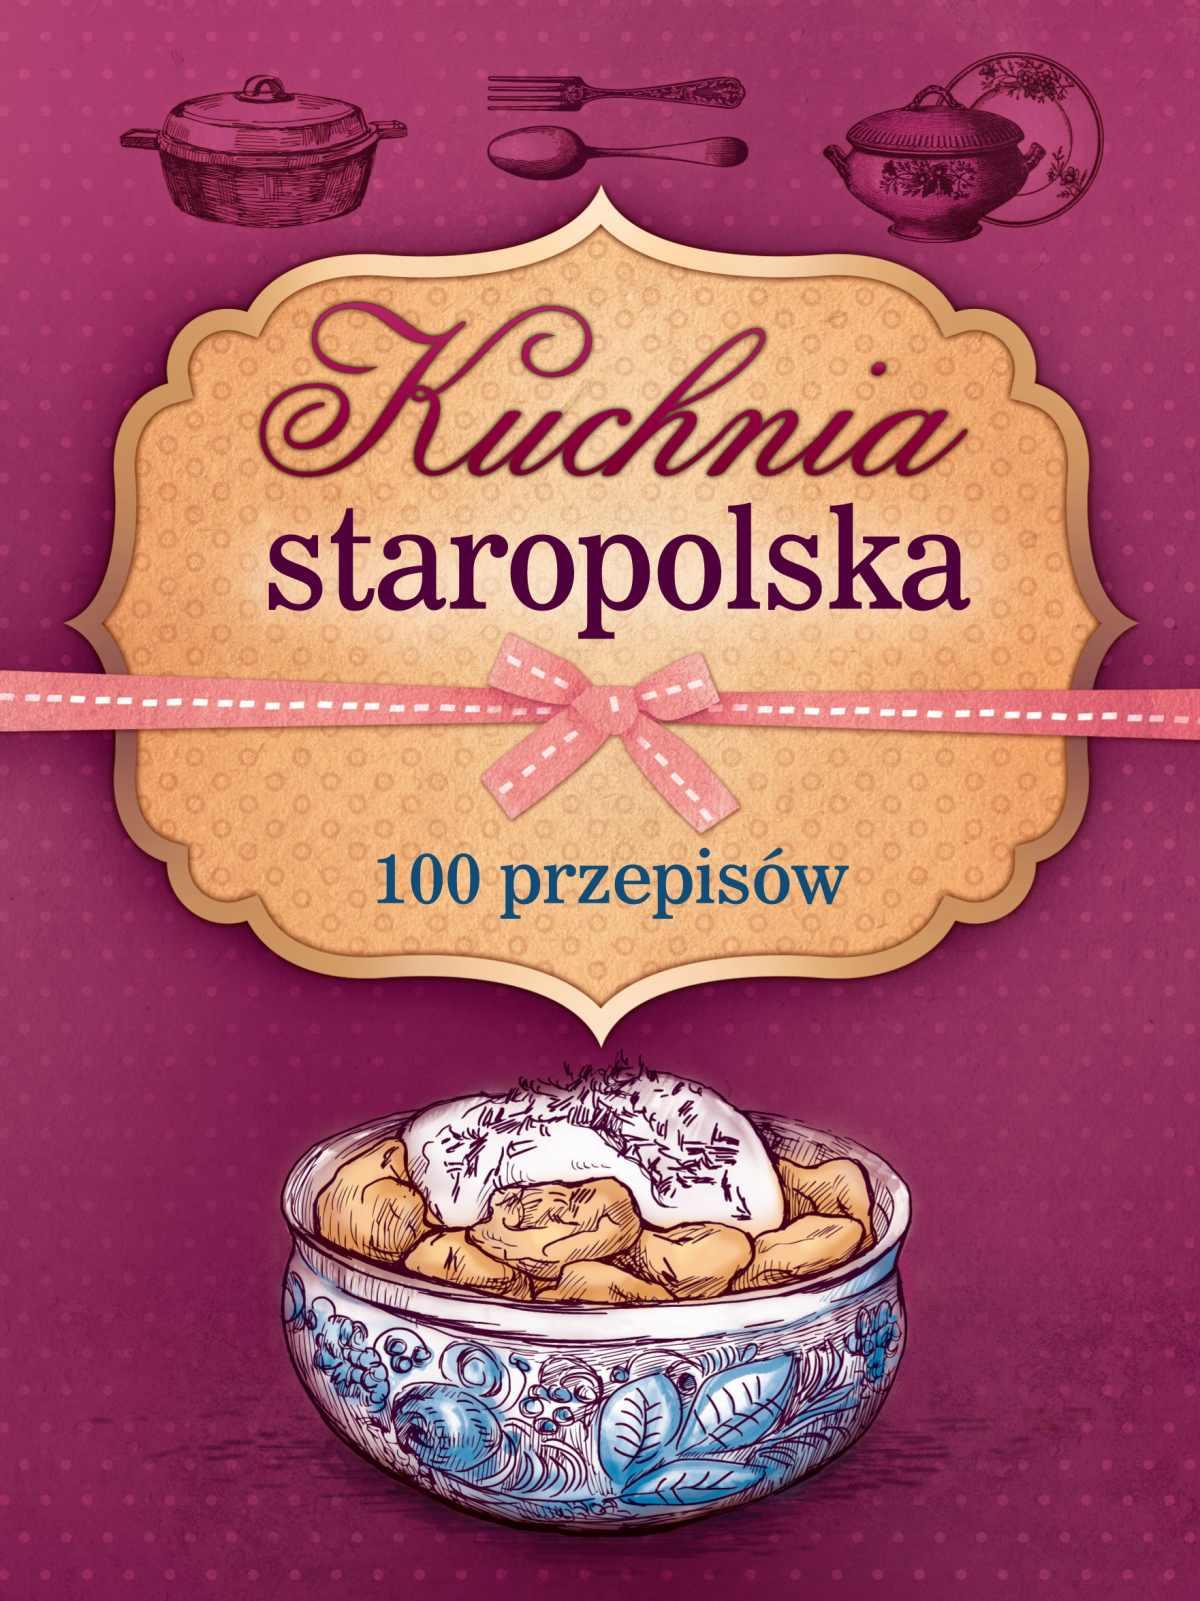 Kuchnia staropolska. 100 przepisów - Ebook (Książka PDF) do pobrania w formacie PDF